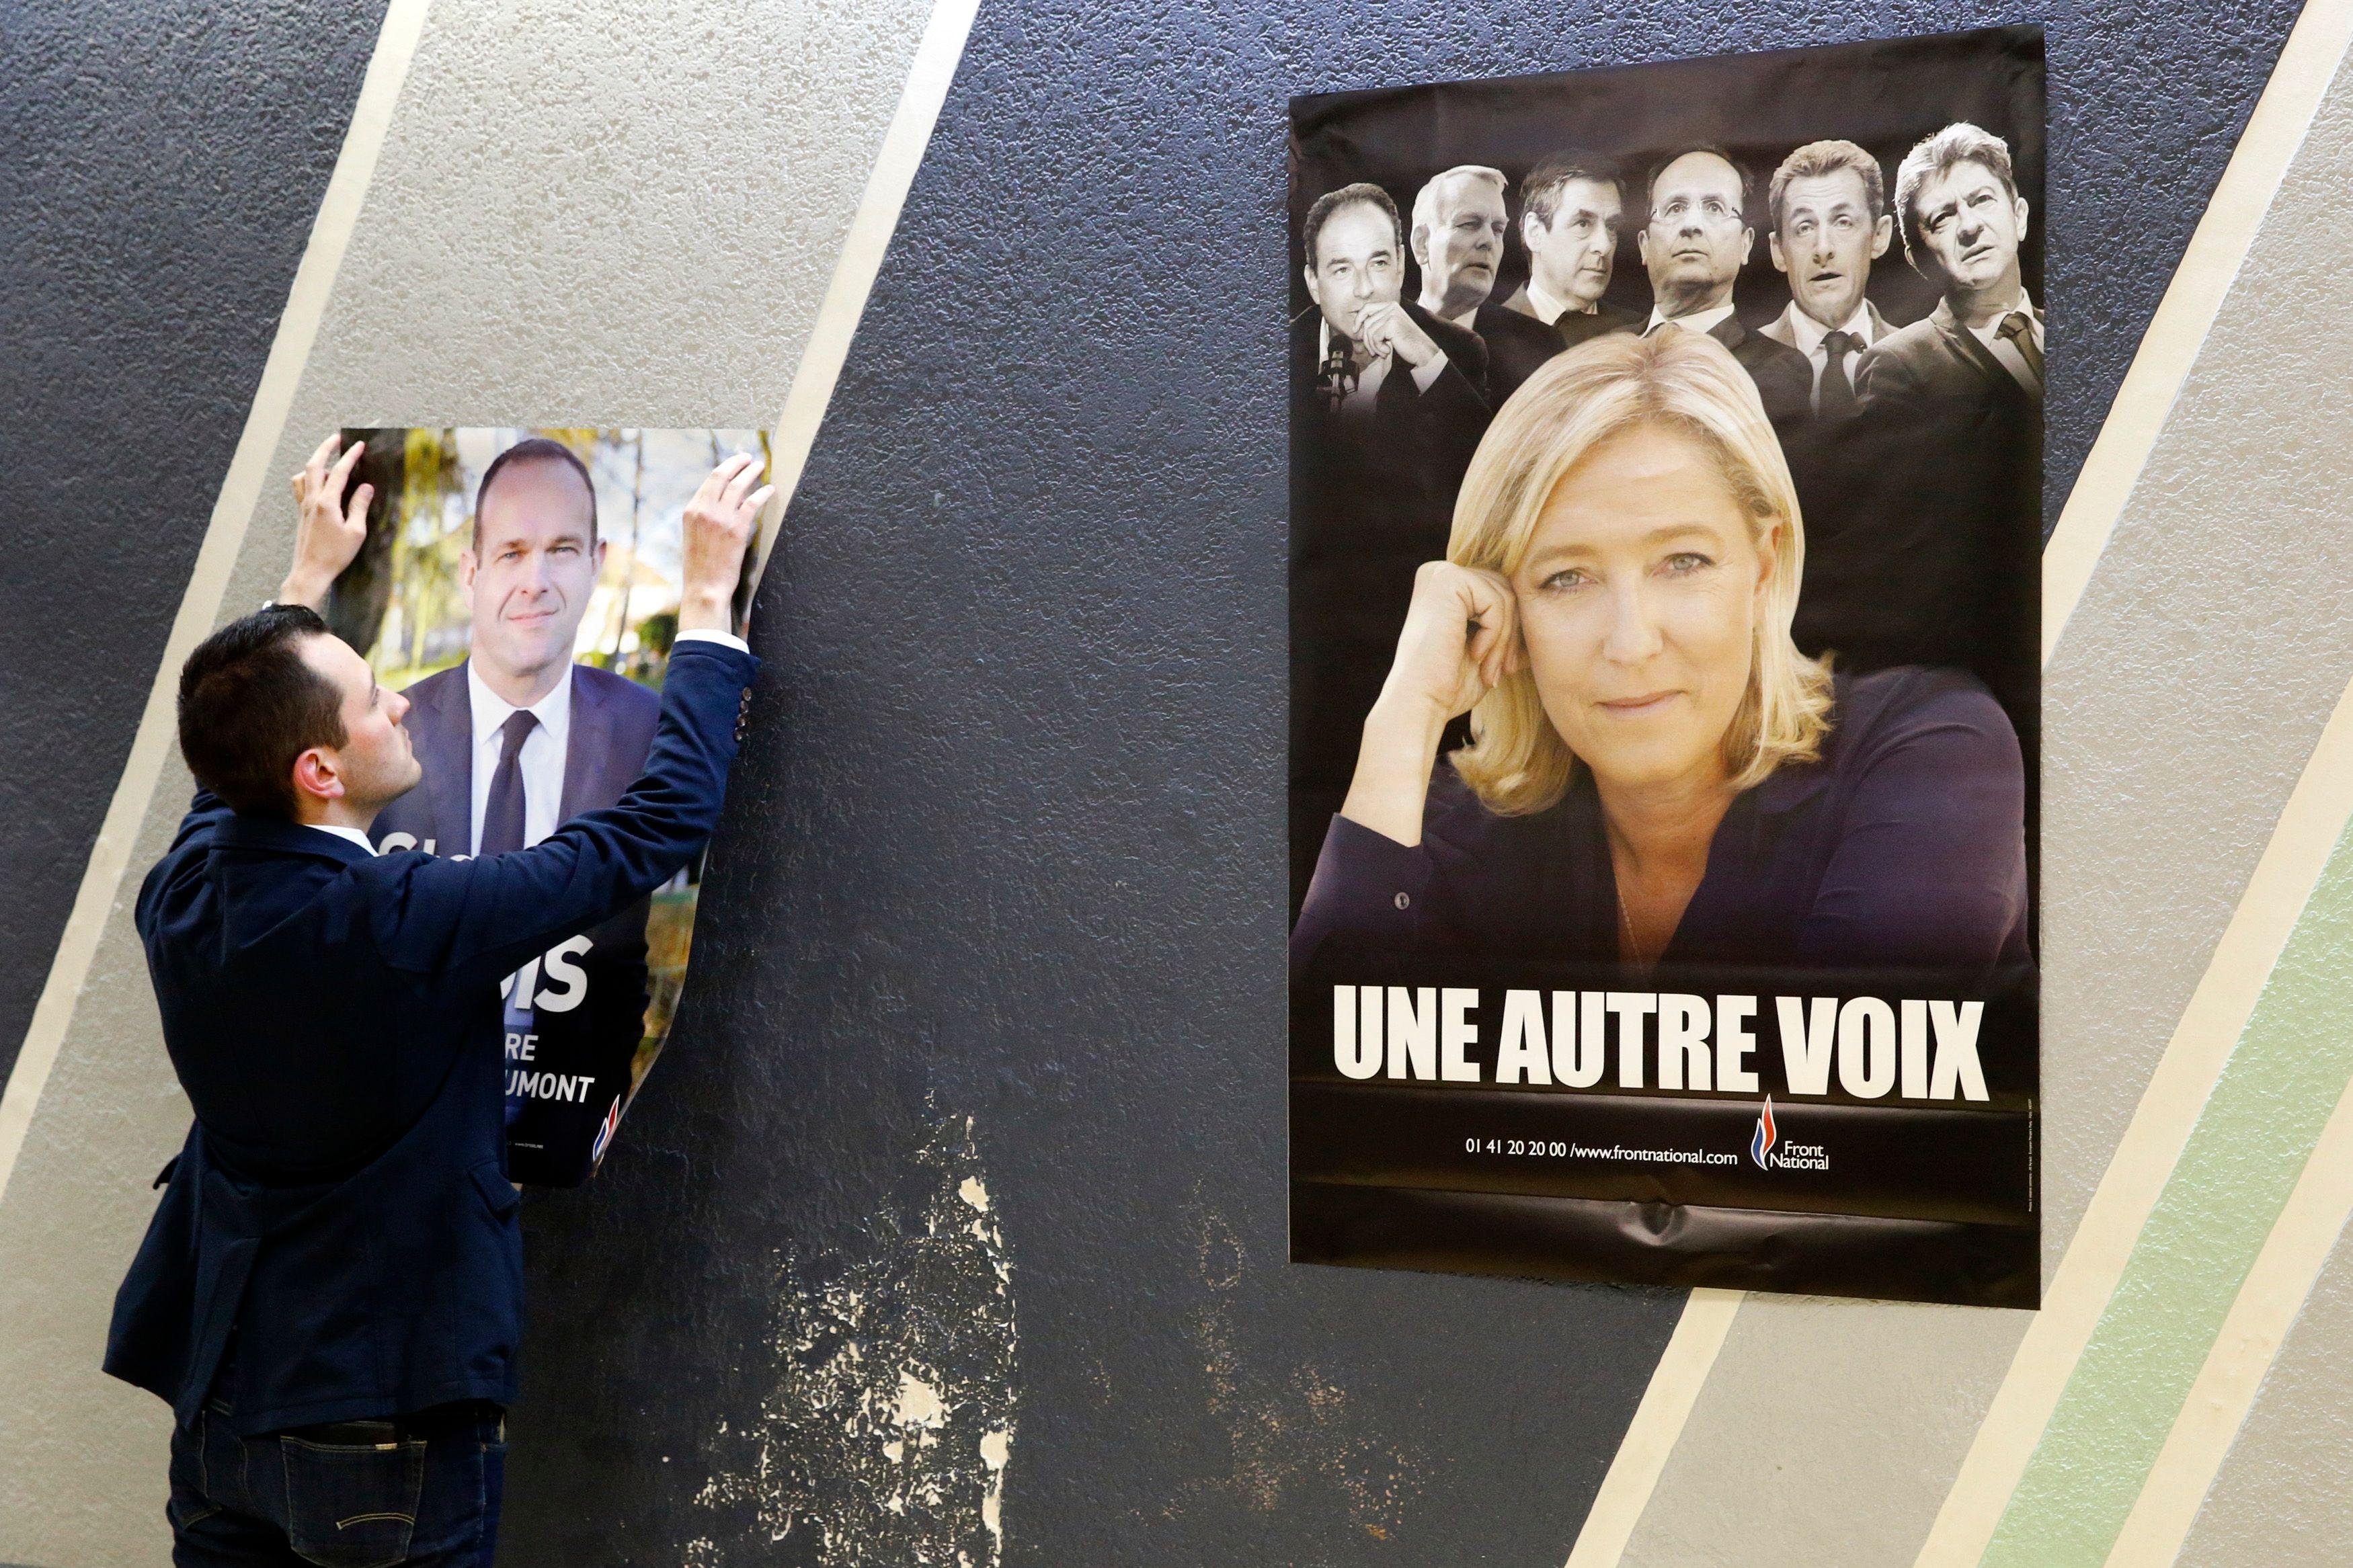 55% des sympathisants de l'UMP et 62% de ceux du FN souhaiteraient un rapprochement aux élections locales. Photo : Steeve Briois